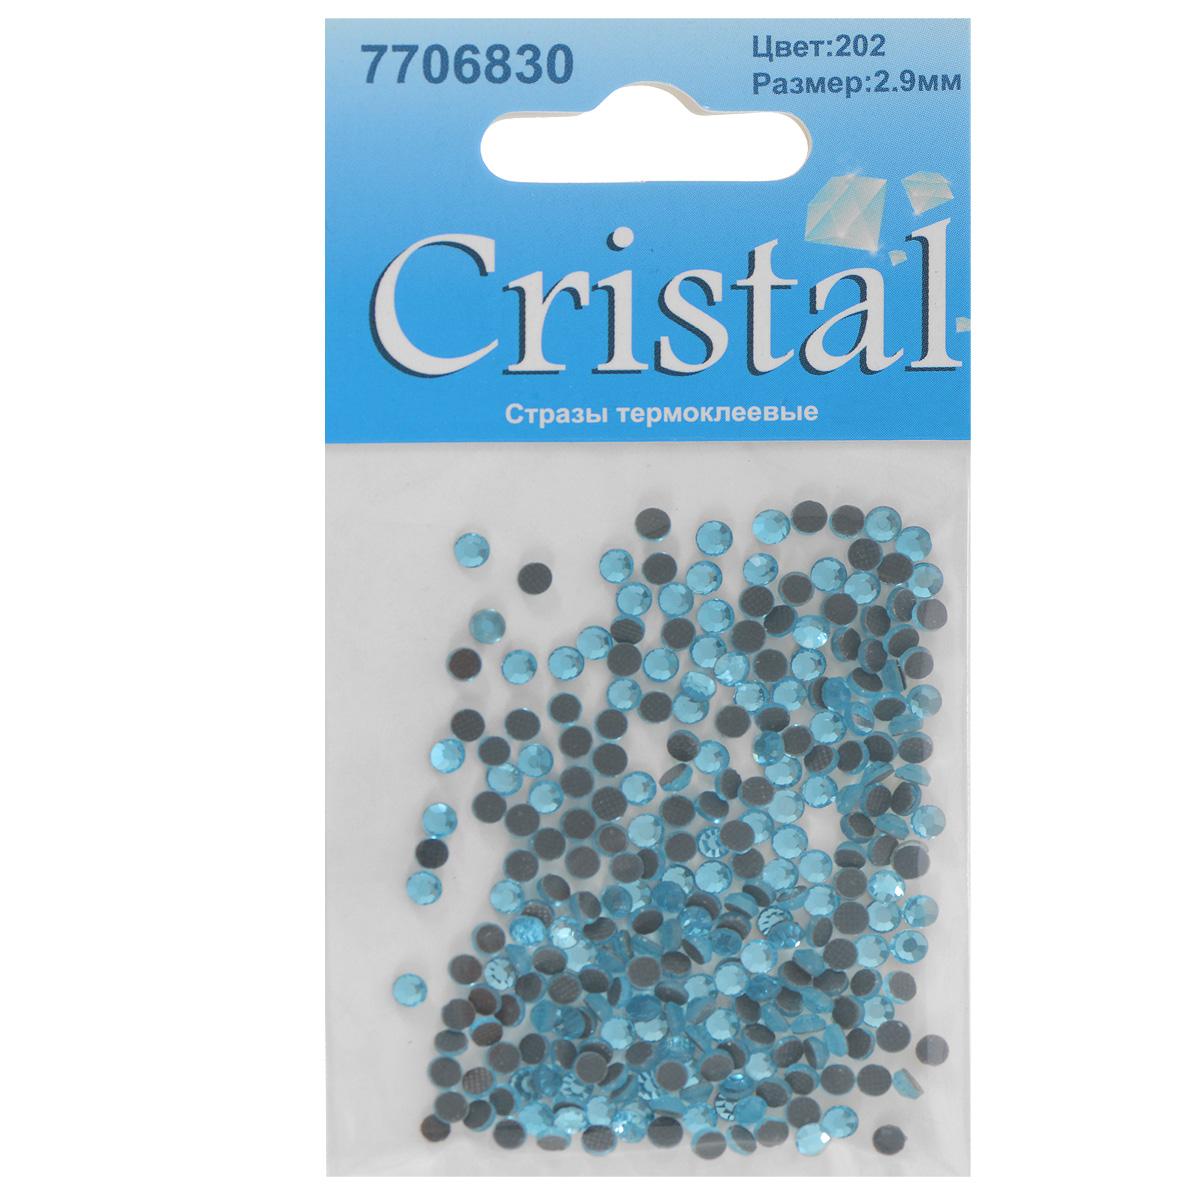 Стразы термоклеевые Cristal, цвет: голубой (202), диаметр 2,9 мм, 288 шт7706830_202Набор термоклеевых страз Cristal, изготовленный из высококачественного акрила, позволит вам украсить одежду, аксессуары или текстиль. Яркие стразы имеют плоское дно и круглую поверхность с гранями.Дно термоклеевых страз уже обработано особым клеем, который под воздействием высоких температур начинает плавиться, приклеиваясь, таким образом, к требуемой поверхности. Чаще всего их используют в текстильной промышленности: стразы прикладывают к ткани и проглаживают утюгом с обратной стороны. Также можно использовать специальный паяльник. Украшение стразами поможет сделать любую вещь оригинальной и неповторимой. Диаметр страз: 2,9 мм.